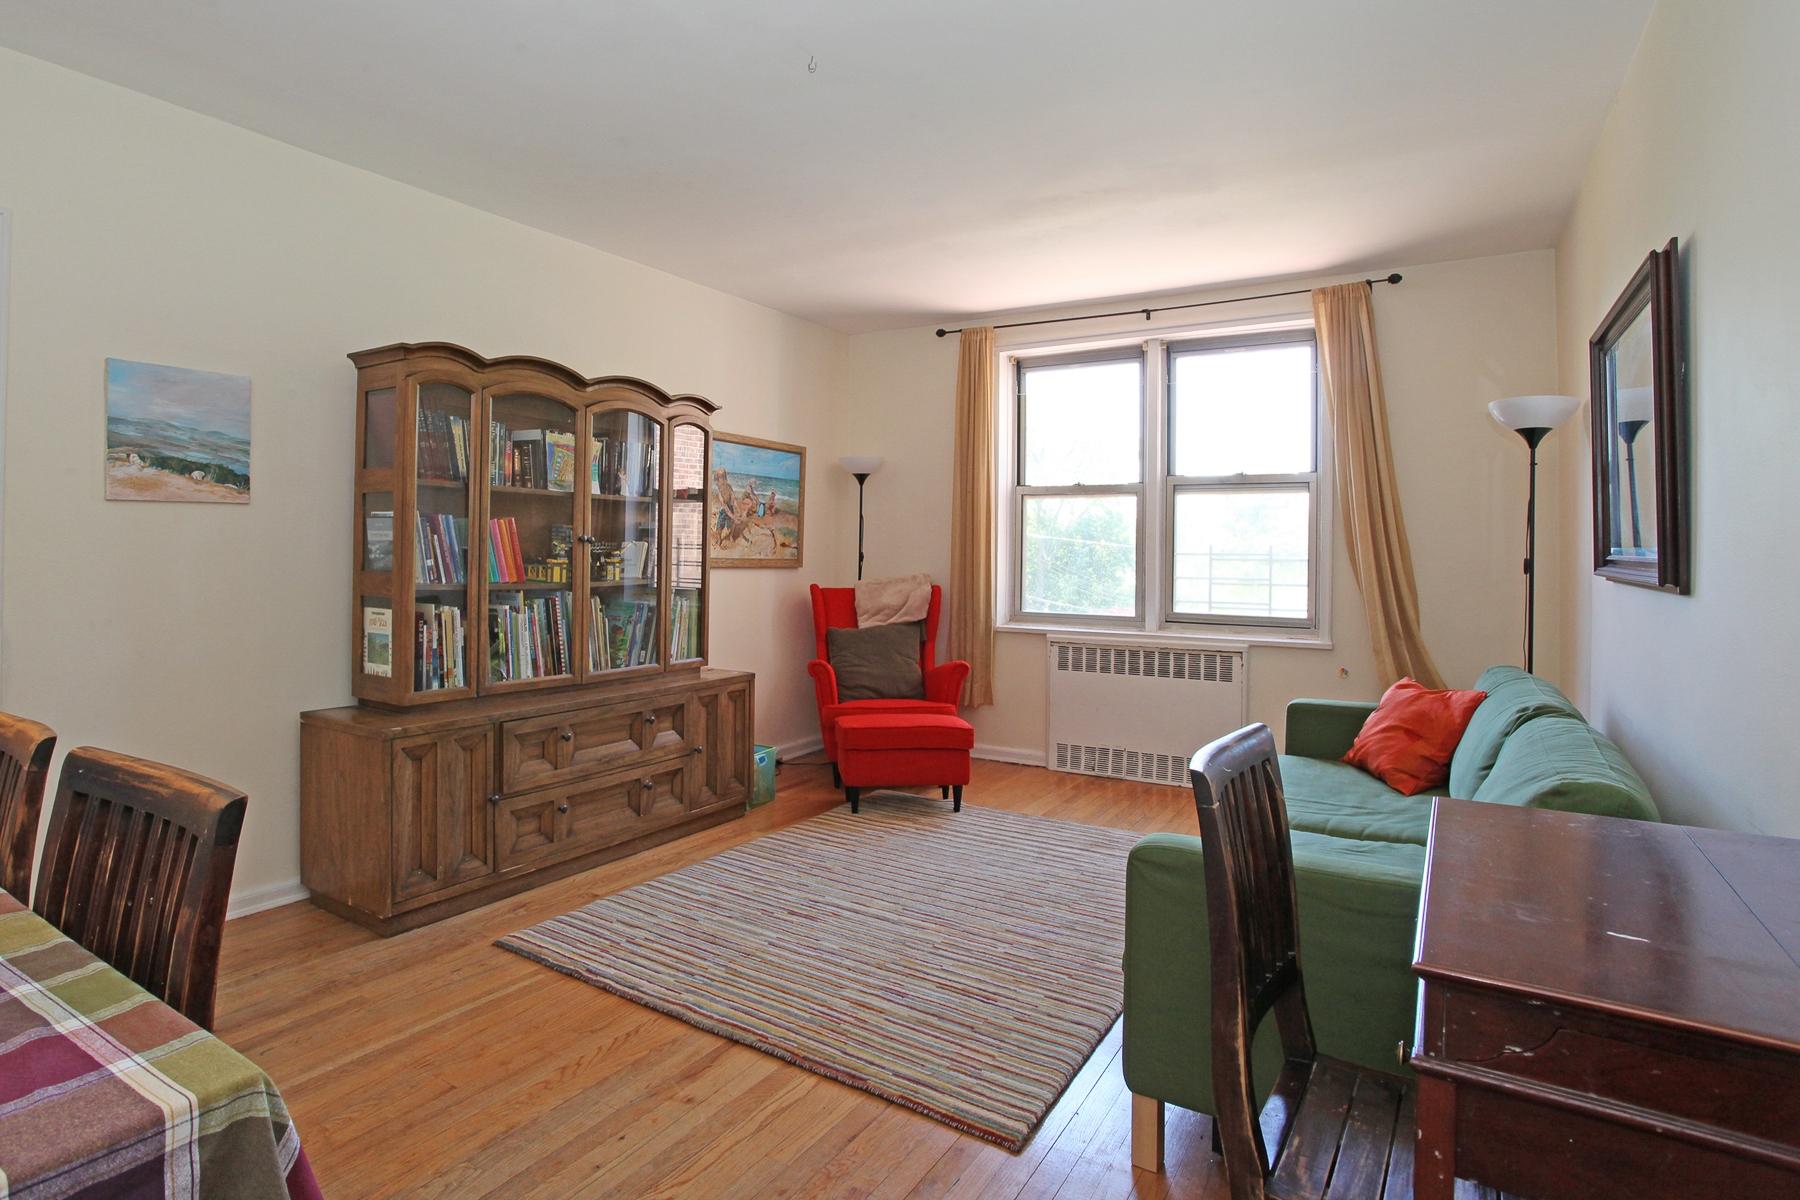 Кооперативная квартира для того Продажа на Spacious 1 BR with Great Light 5615 Netherland Avenue 2D Riverdale, Нью-Йорк 10471 Соединенные Штаты